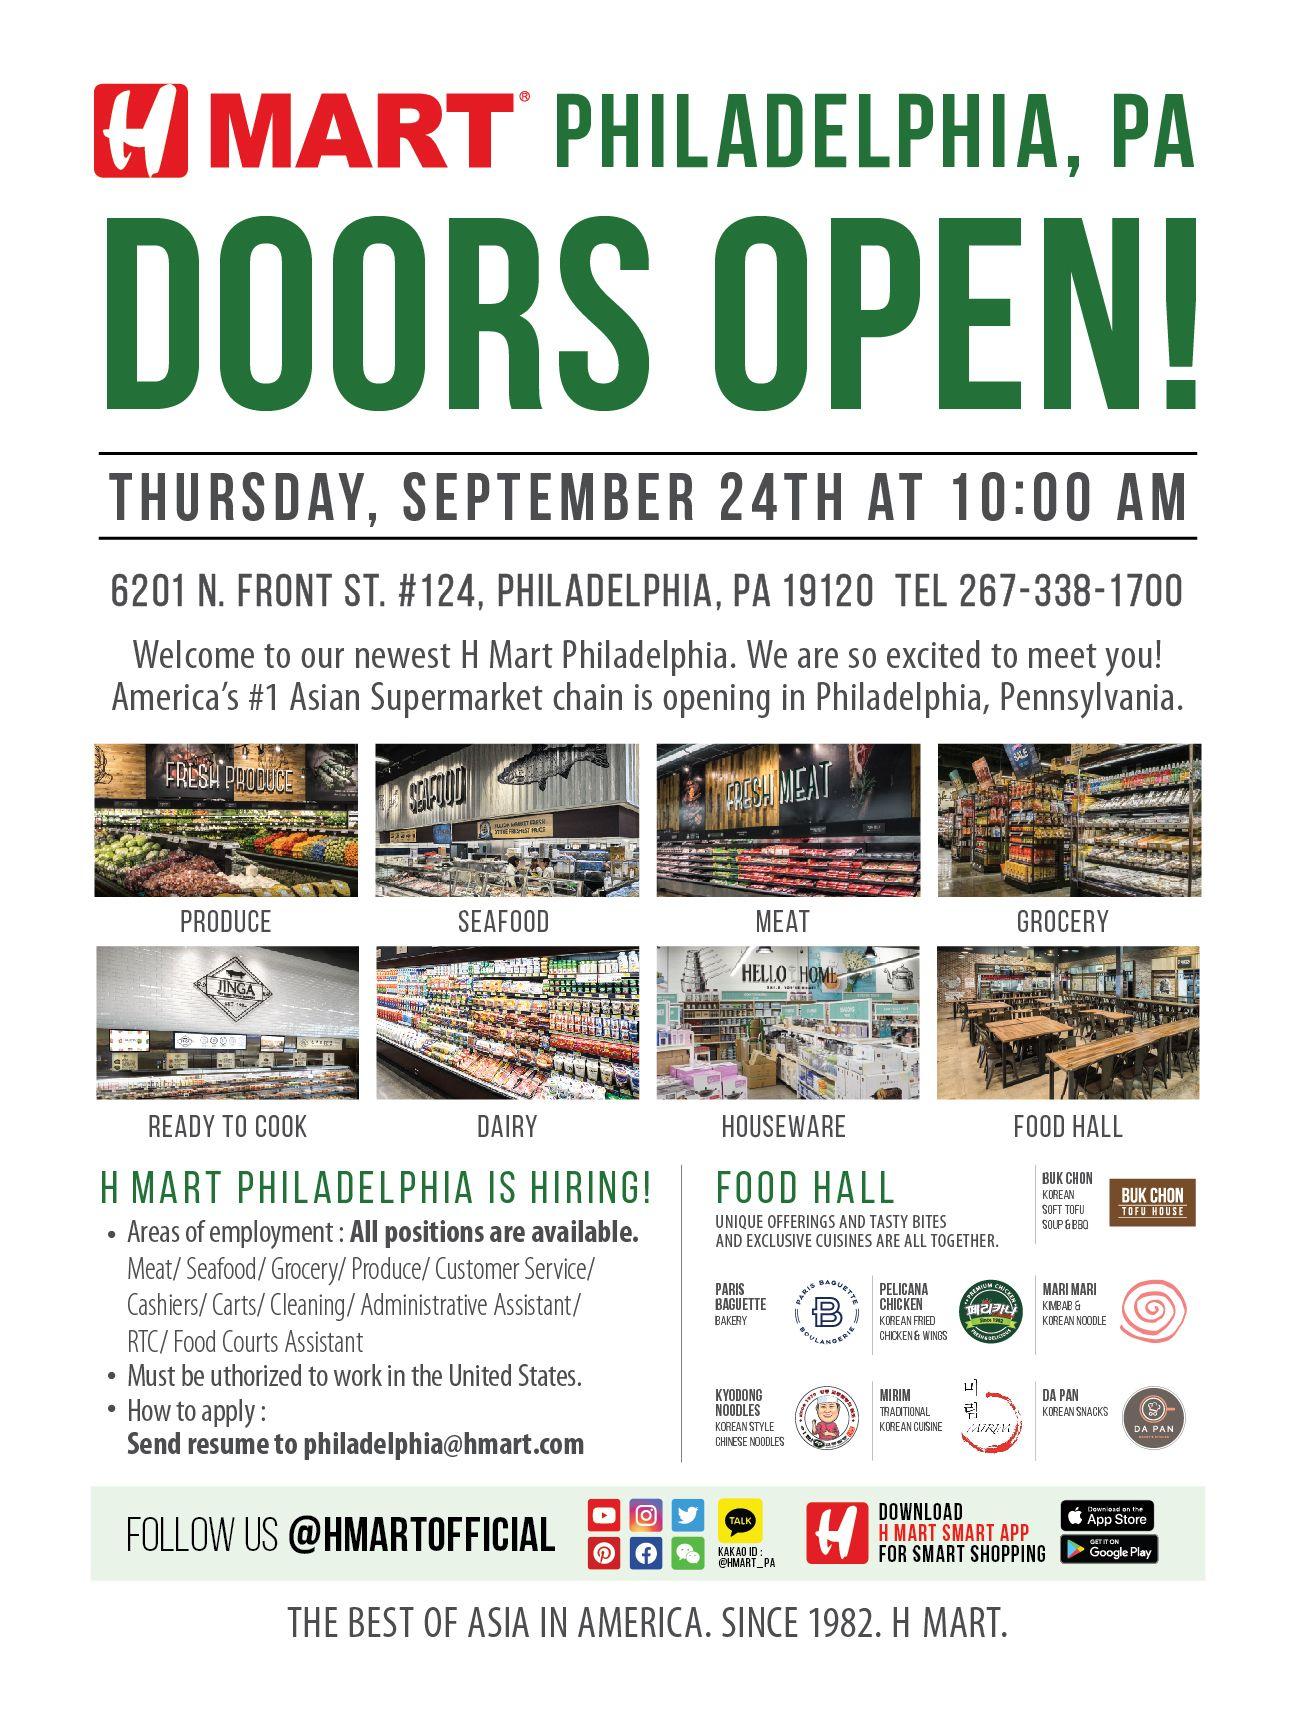 philadelphia doors open